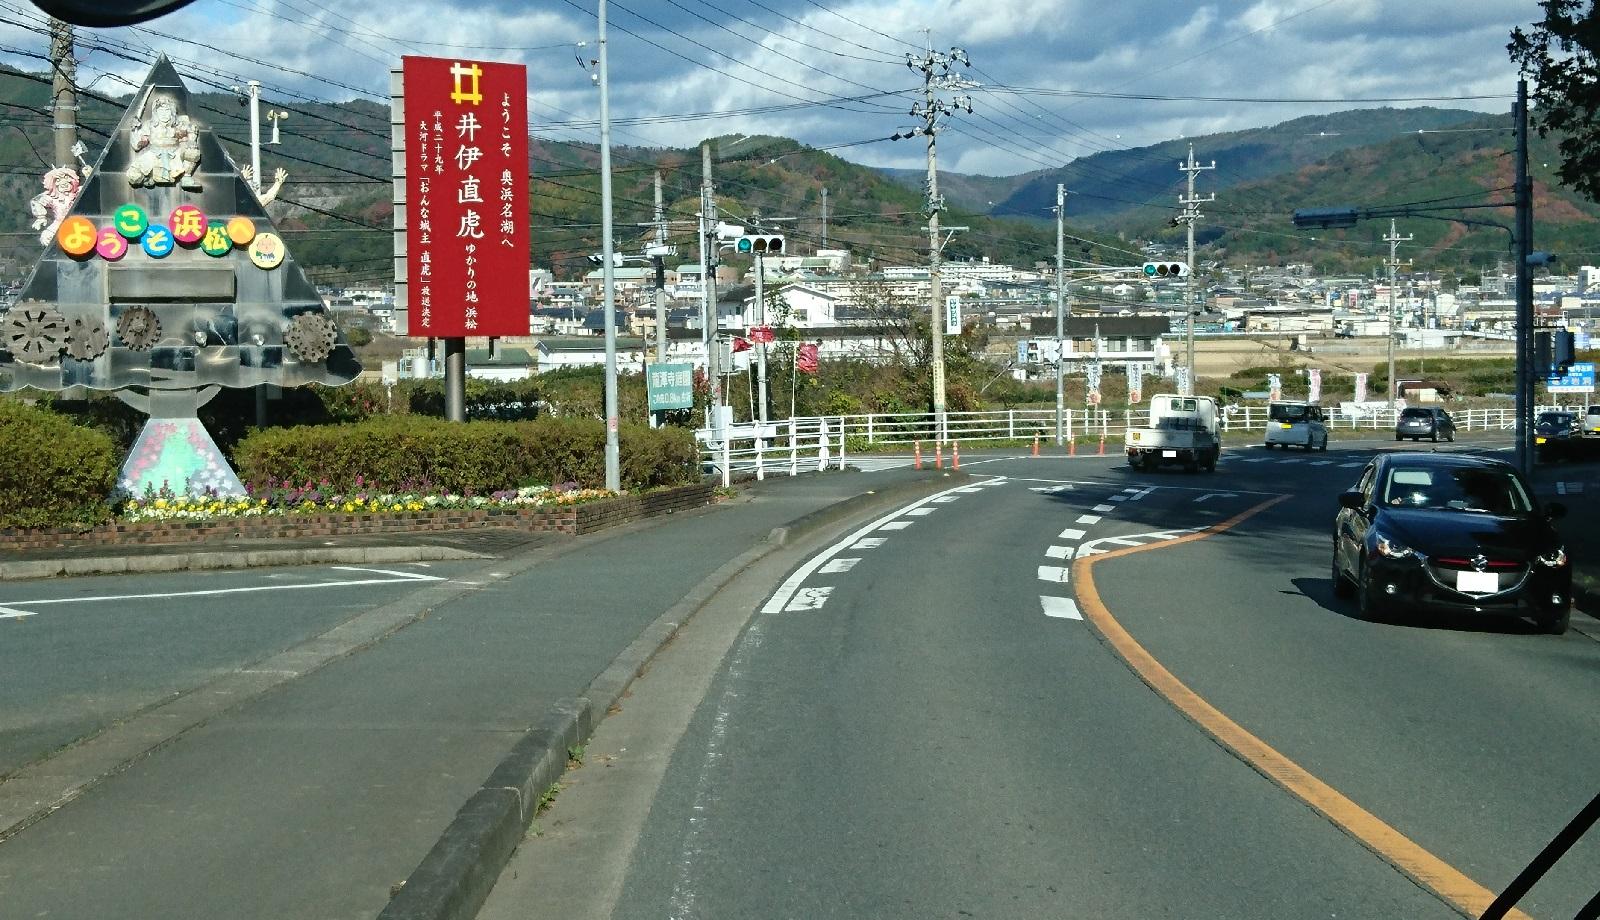 2016.12.23 井伊谷まで (41) 渋川いきバス - 井伊谷へ 1600-920